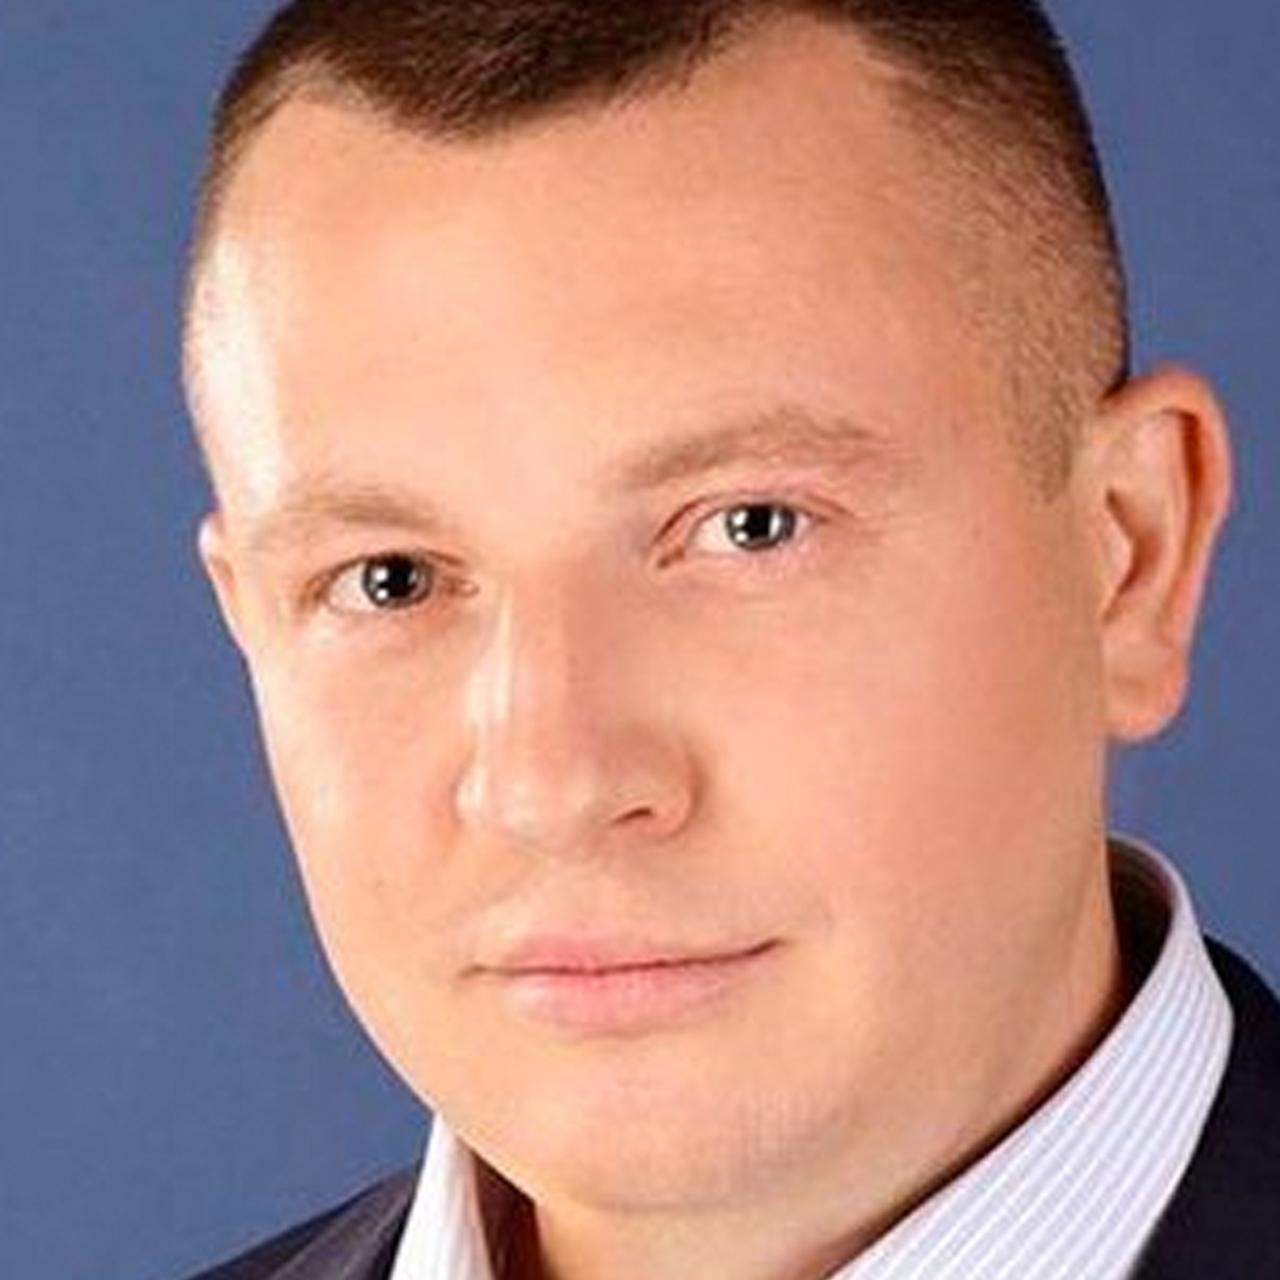 юрий василенко фото